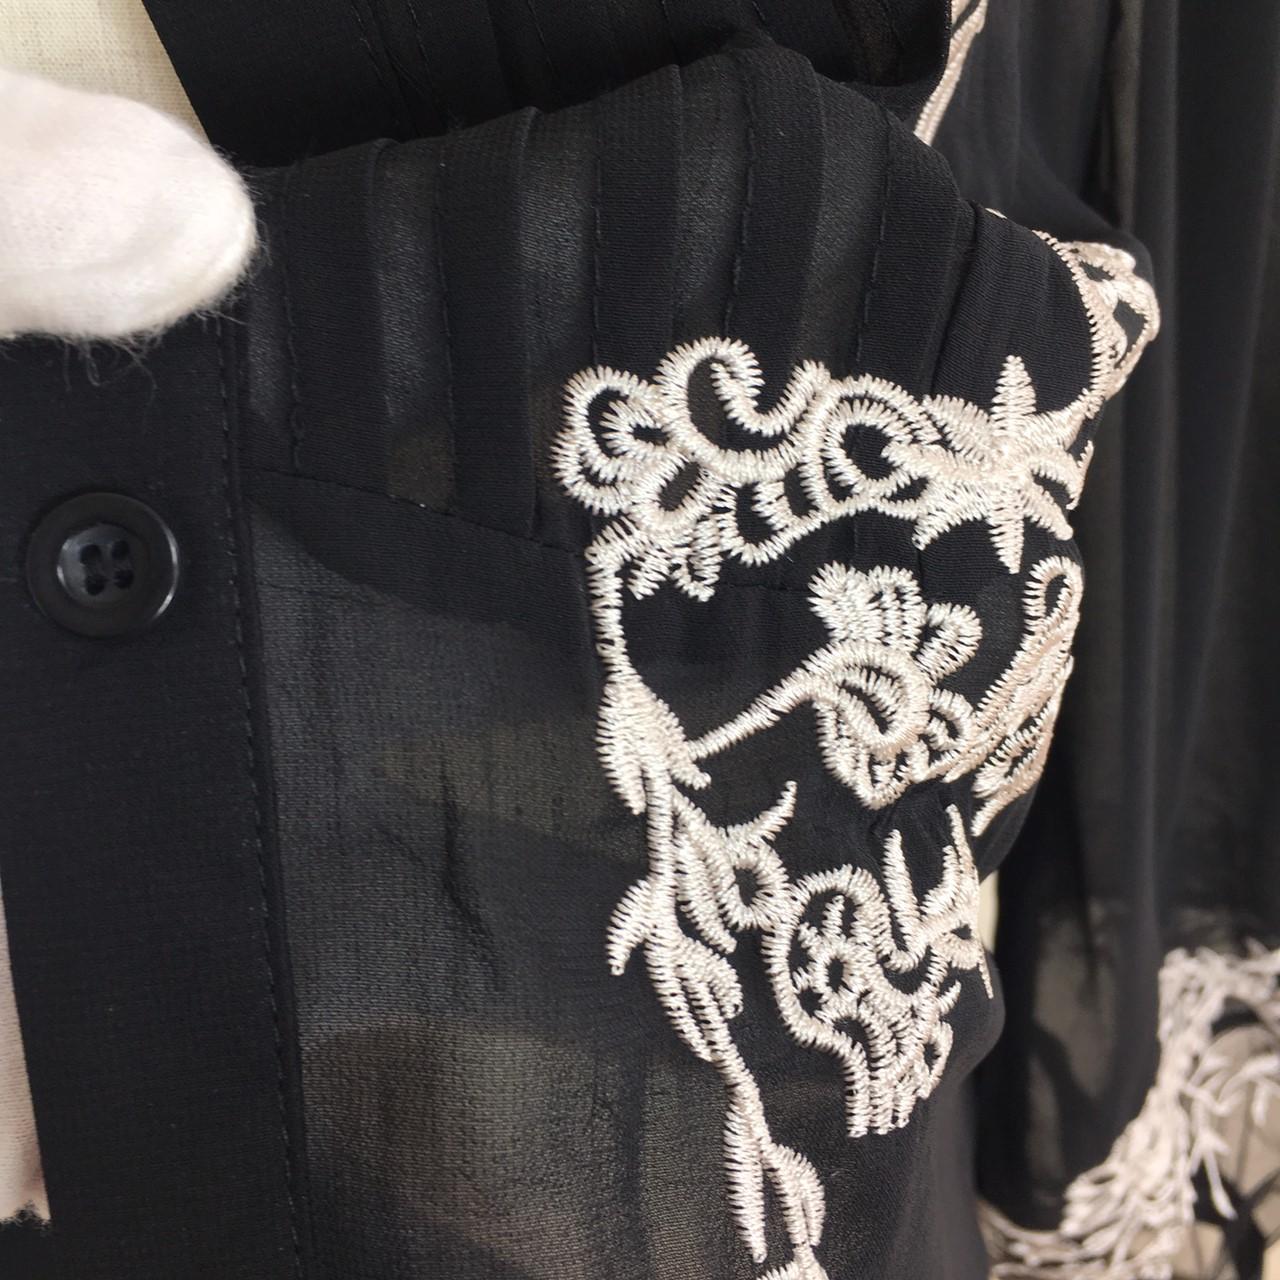 「凛と着こなす♪」黒地に刺繍が映える☆知的ブラウス 夏 春 PTX8814の写真13枚目